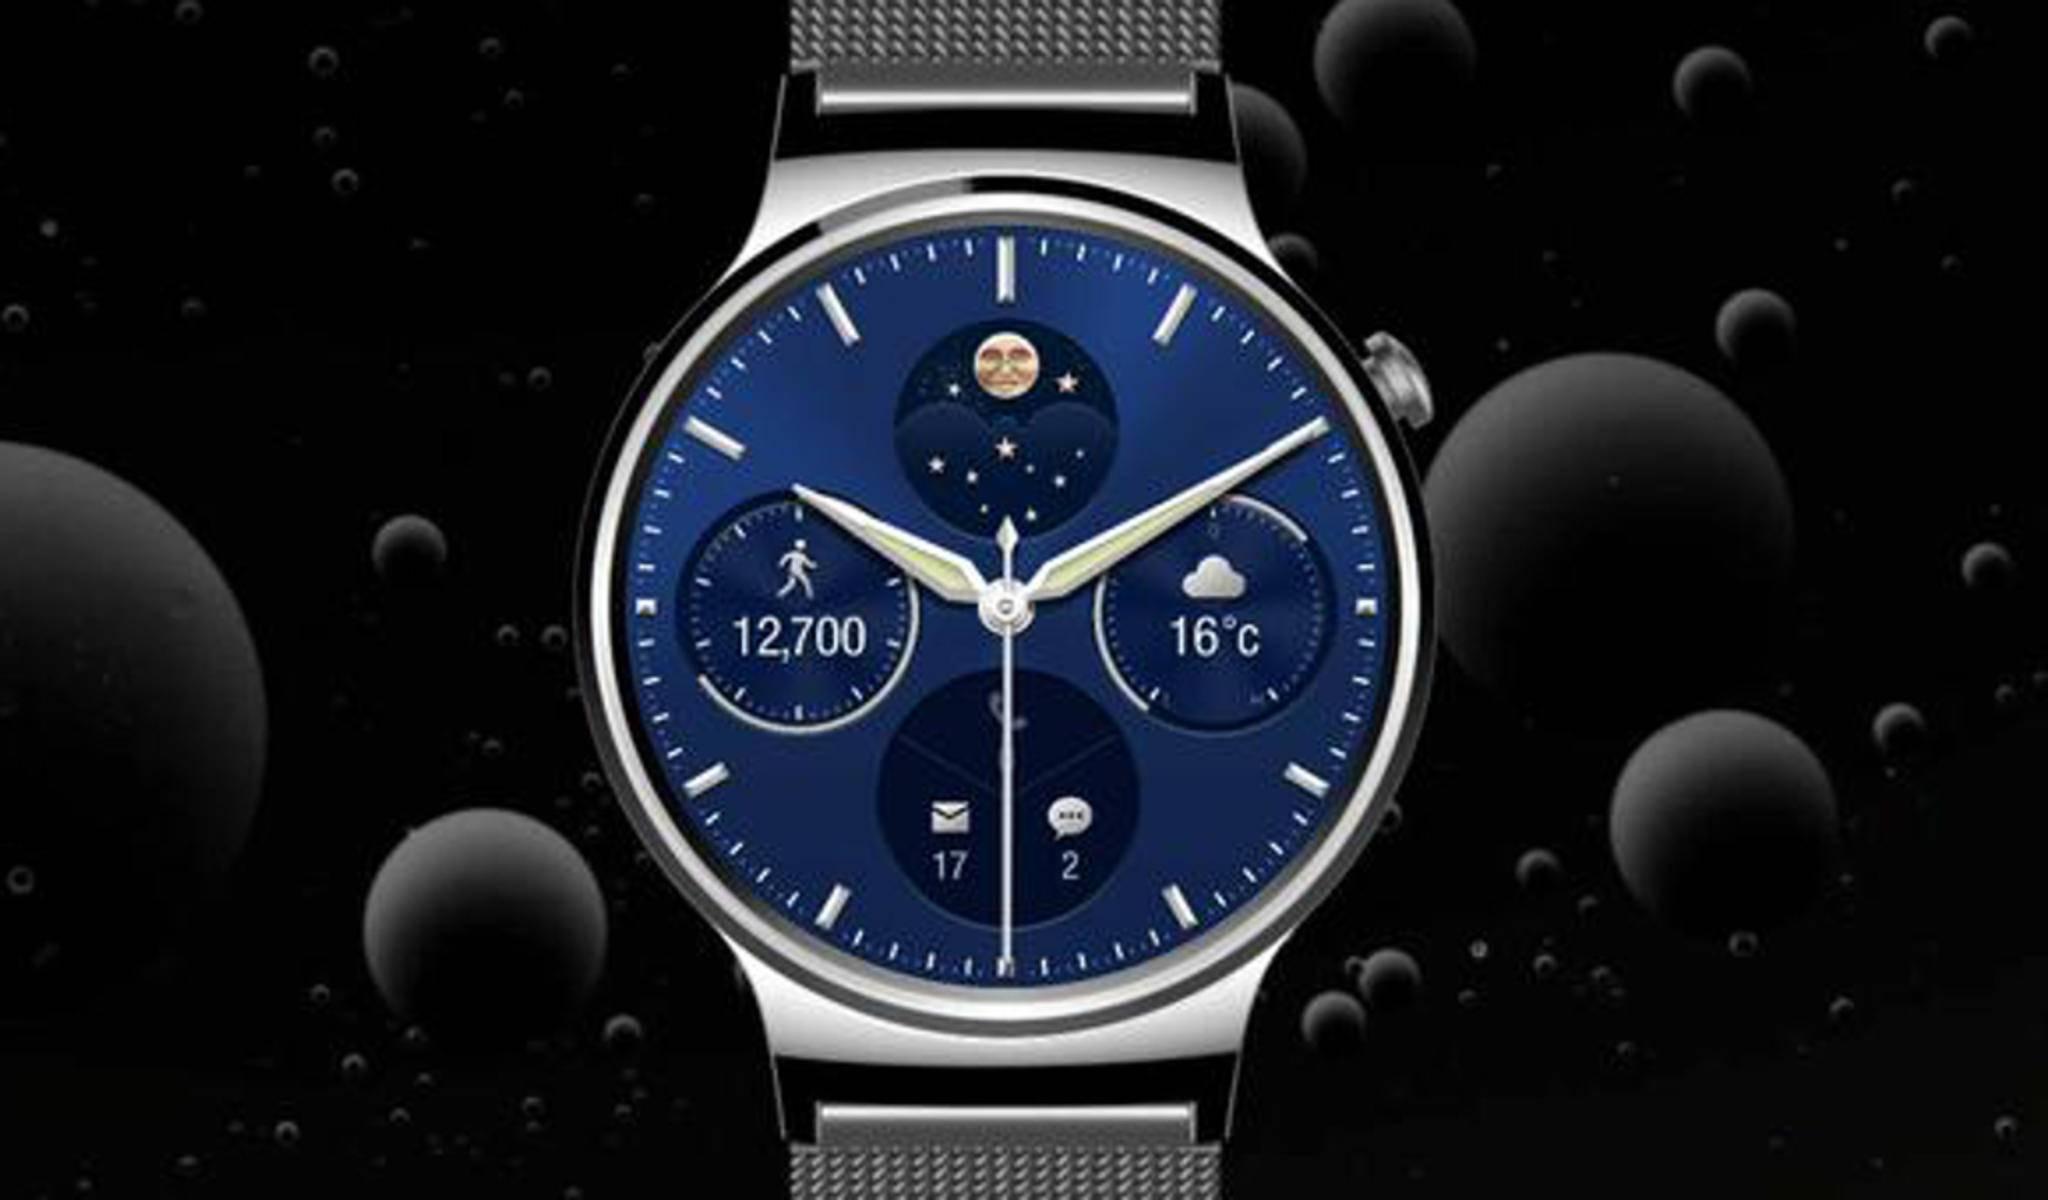 Die Huawei Watch erinnert an eine klassische Armbanduhr.